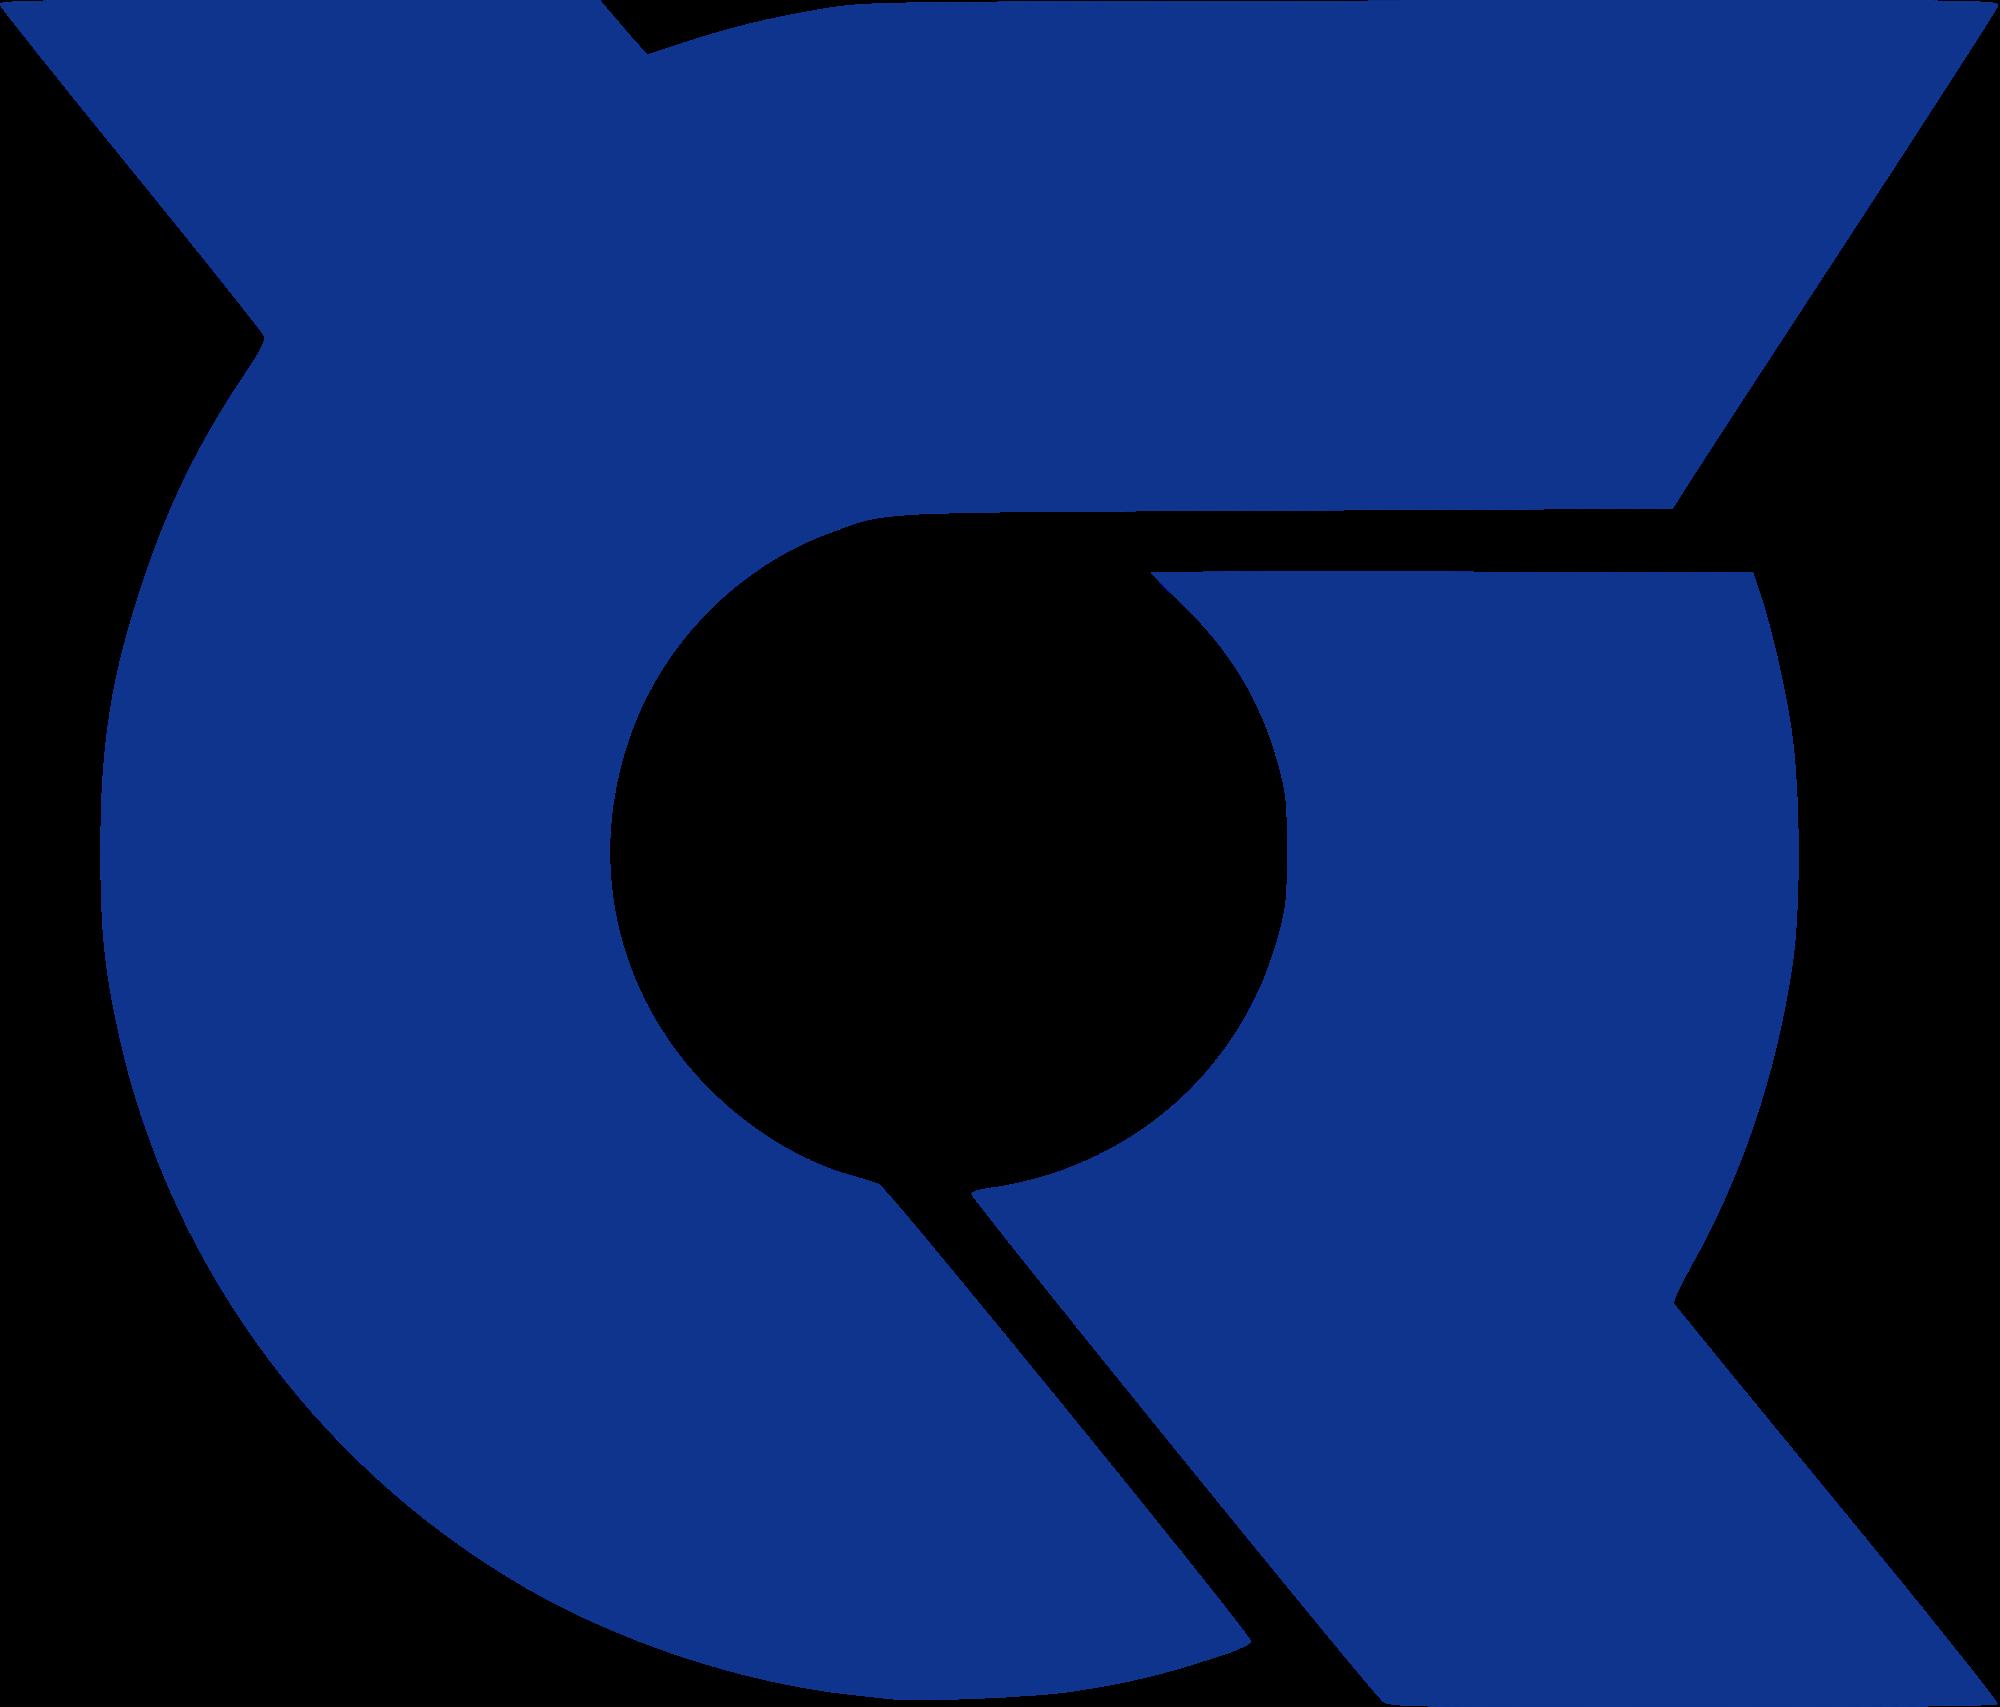 File:Emblem of Tokushima Prefecture.svg.